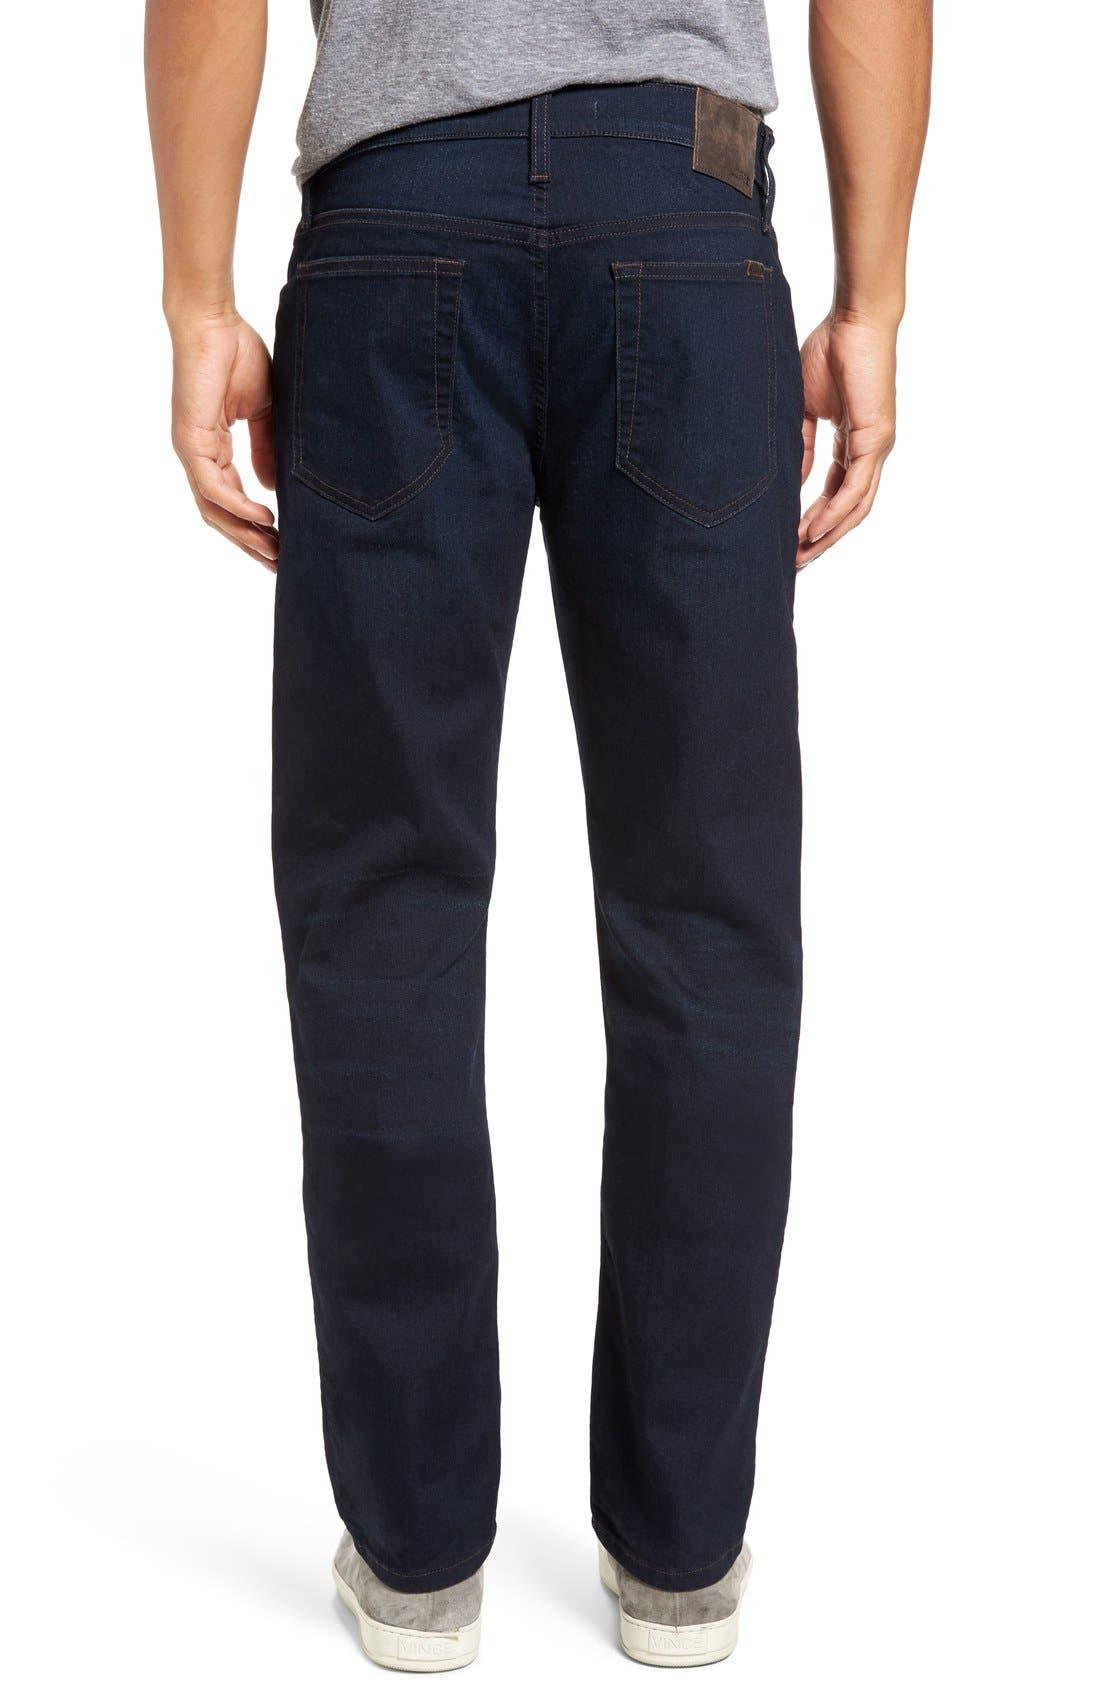 Brixton Kinetic Slim Straight Leg Jeans,                             Alternate thumbnail 3, color,                             400